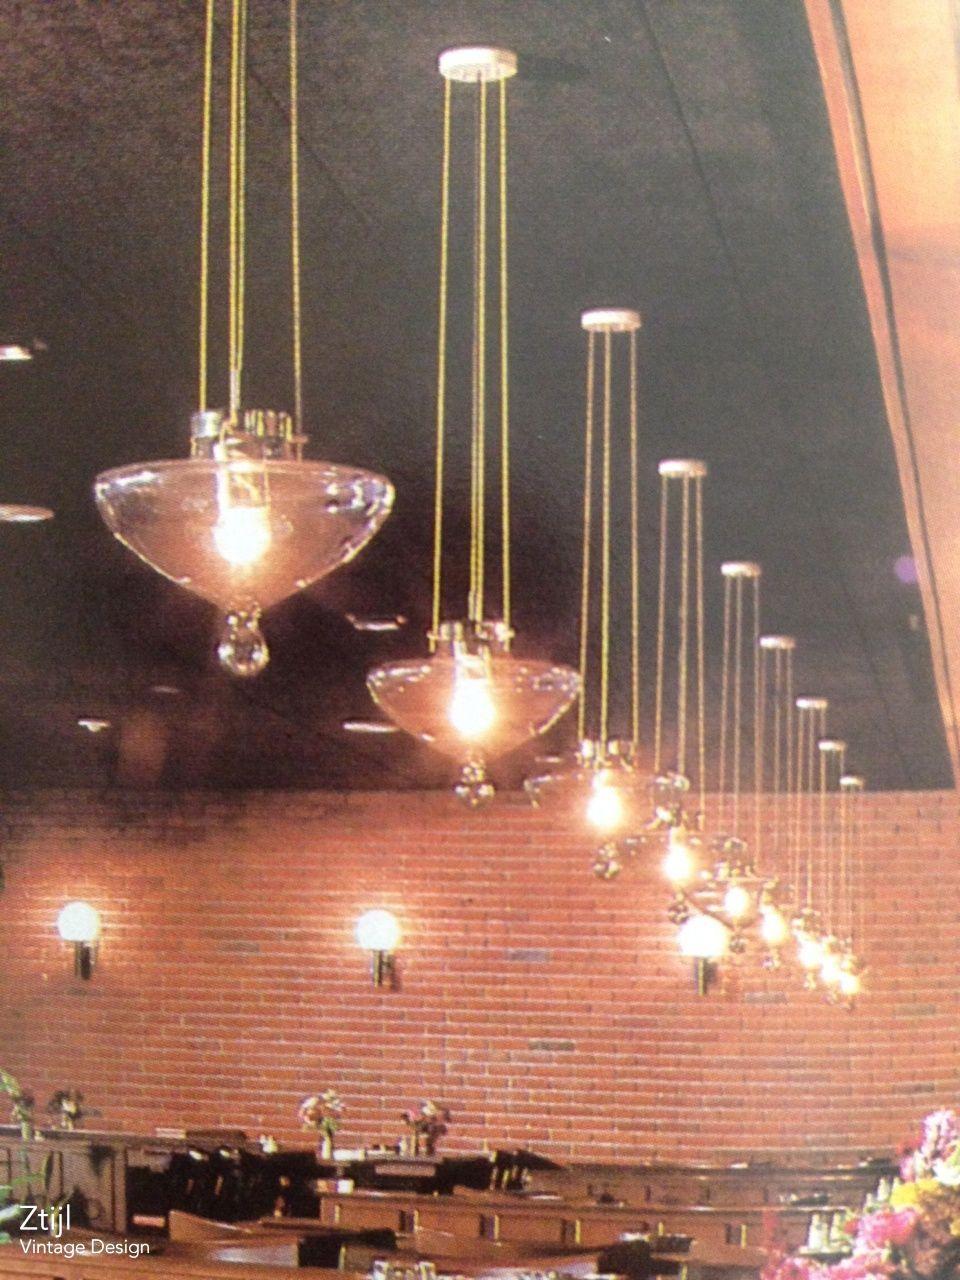 Vintage | Raak Hanglamp High Chaparral | Ztijl